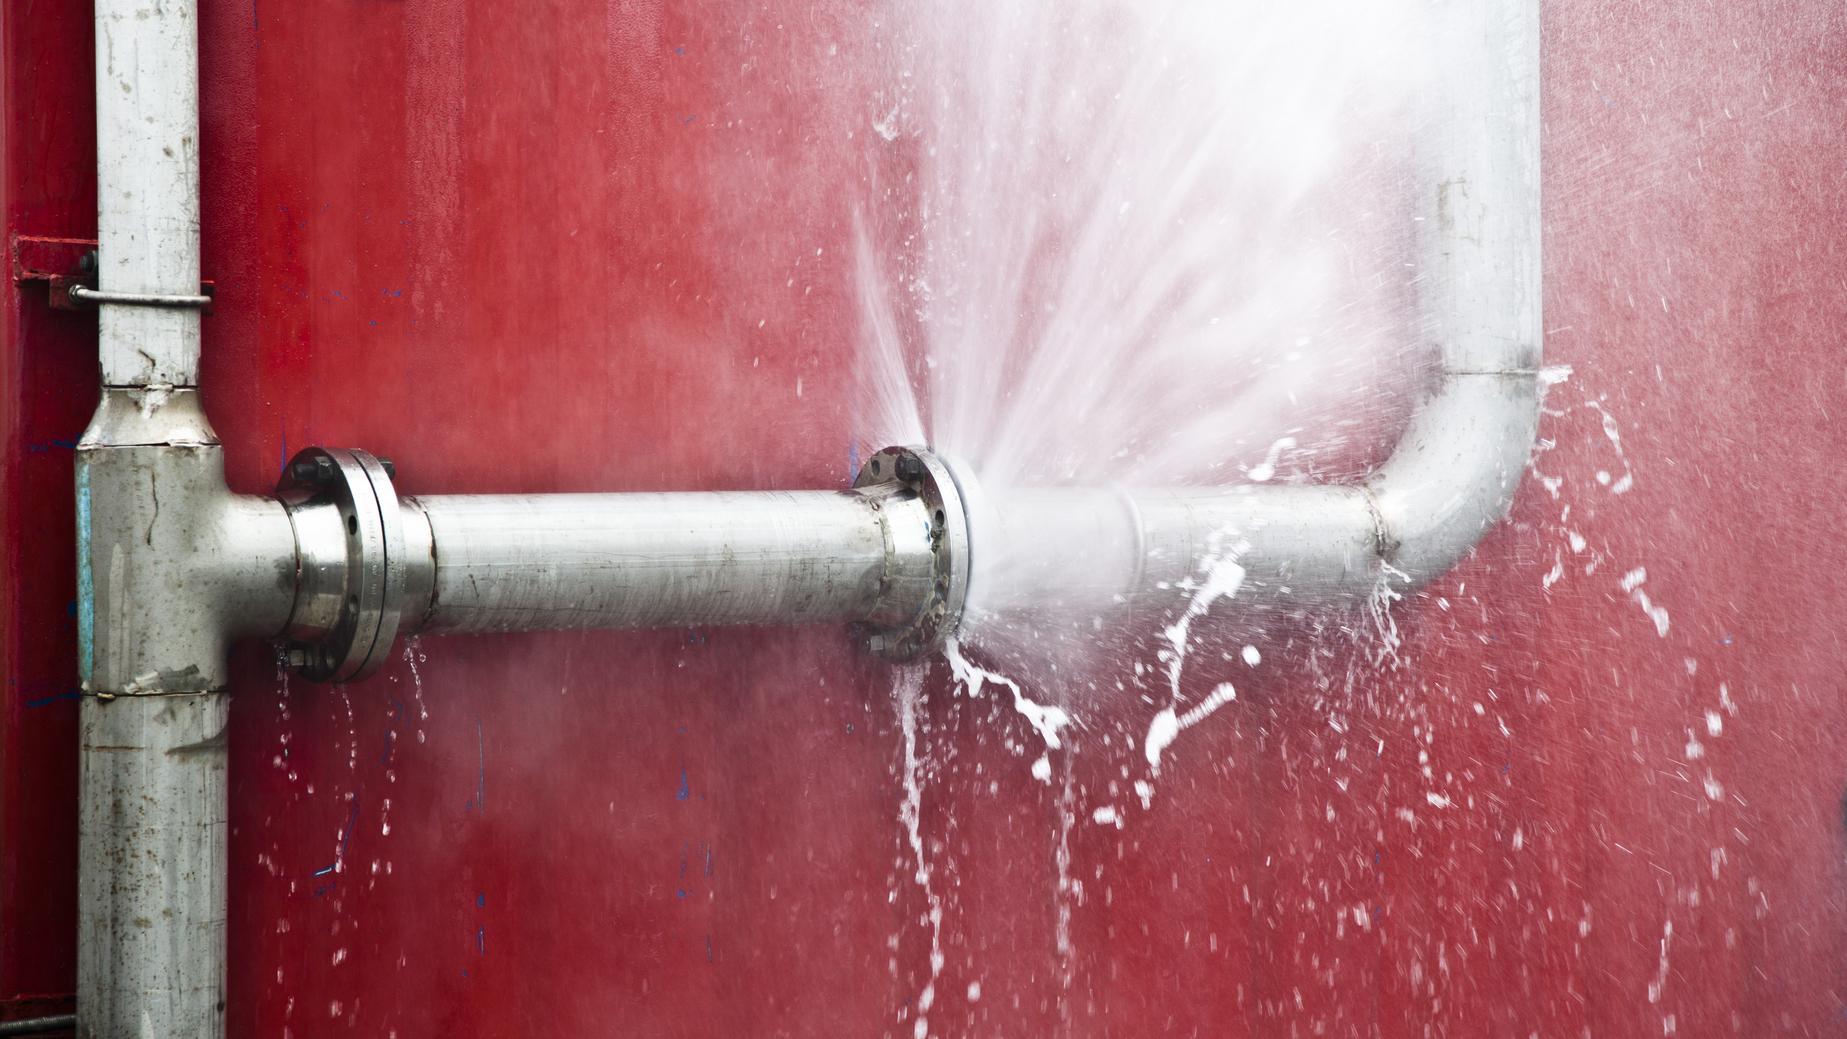 Что делать если течет труба в ванной: способы устранения проблемы